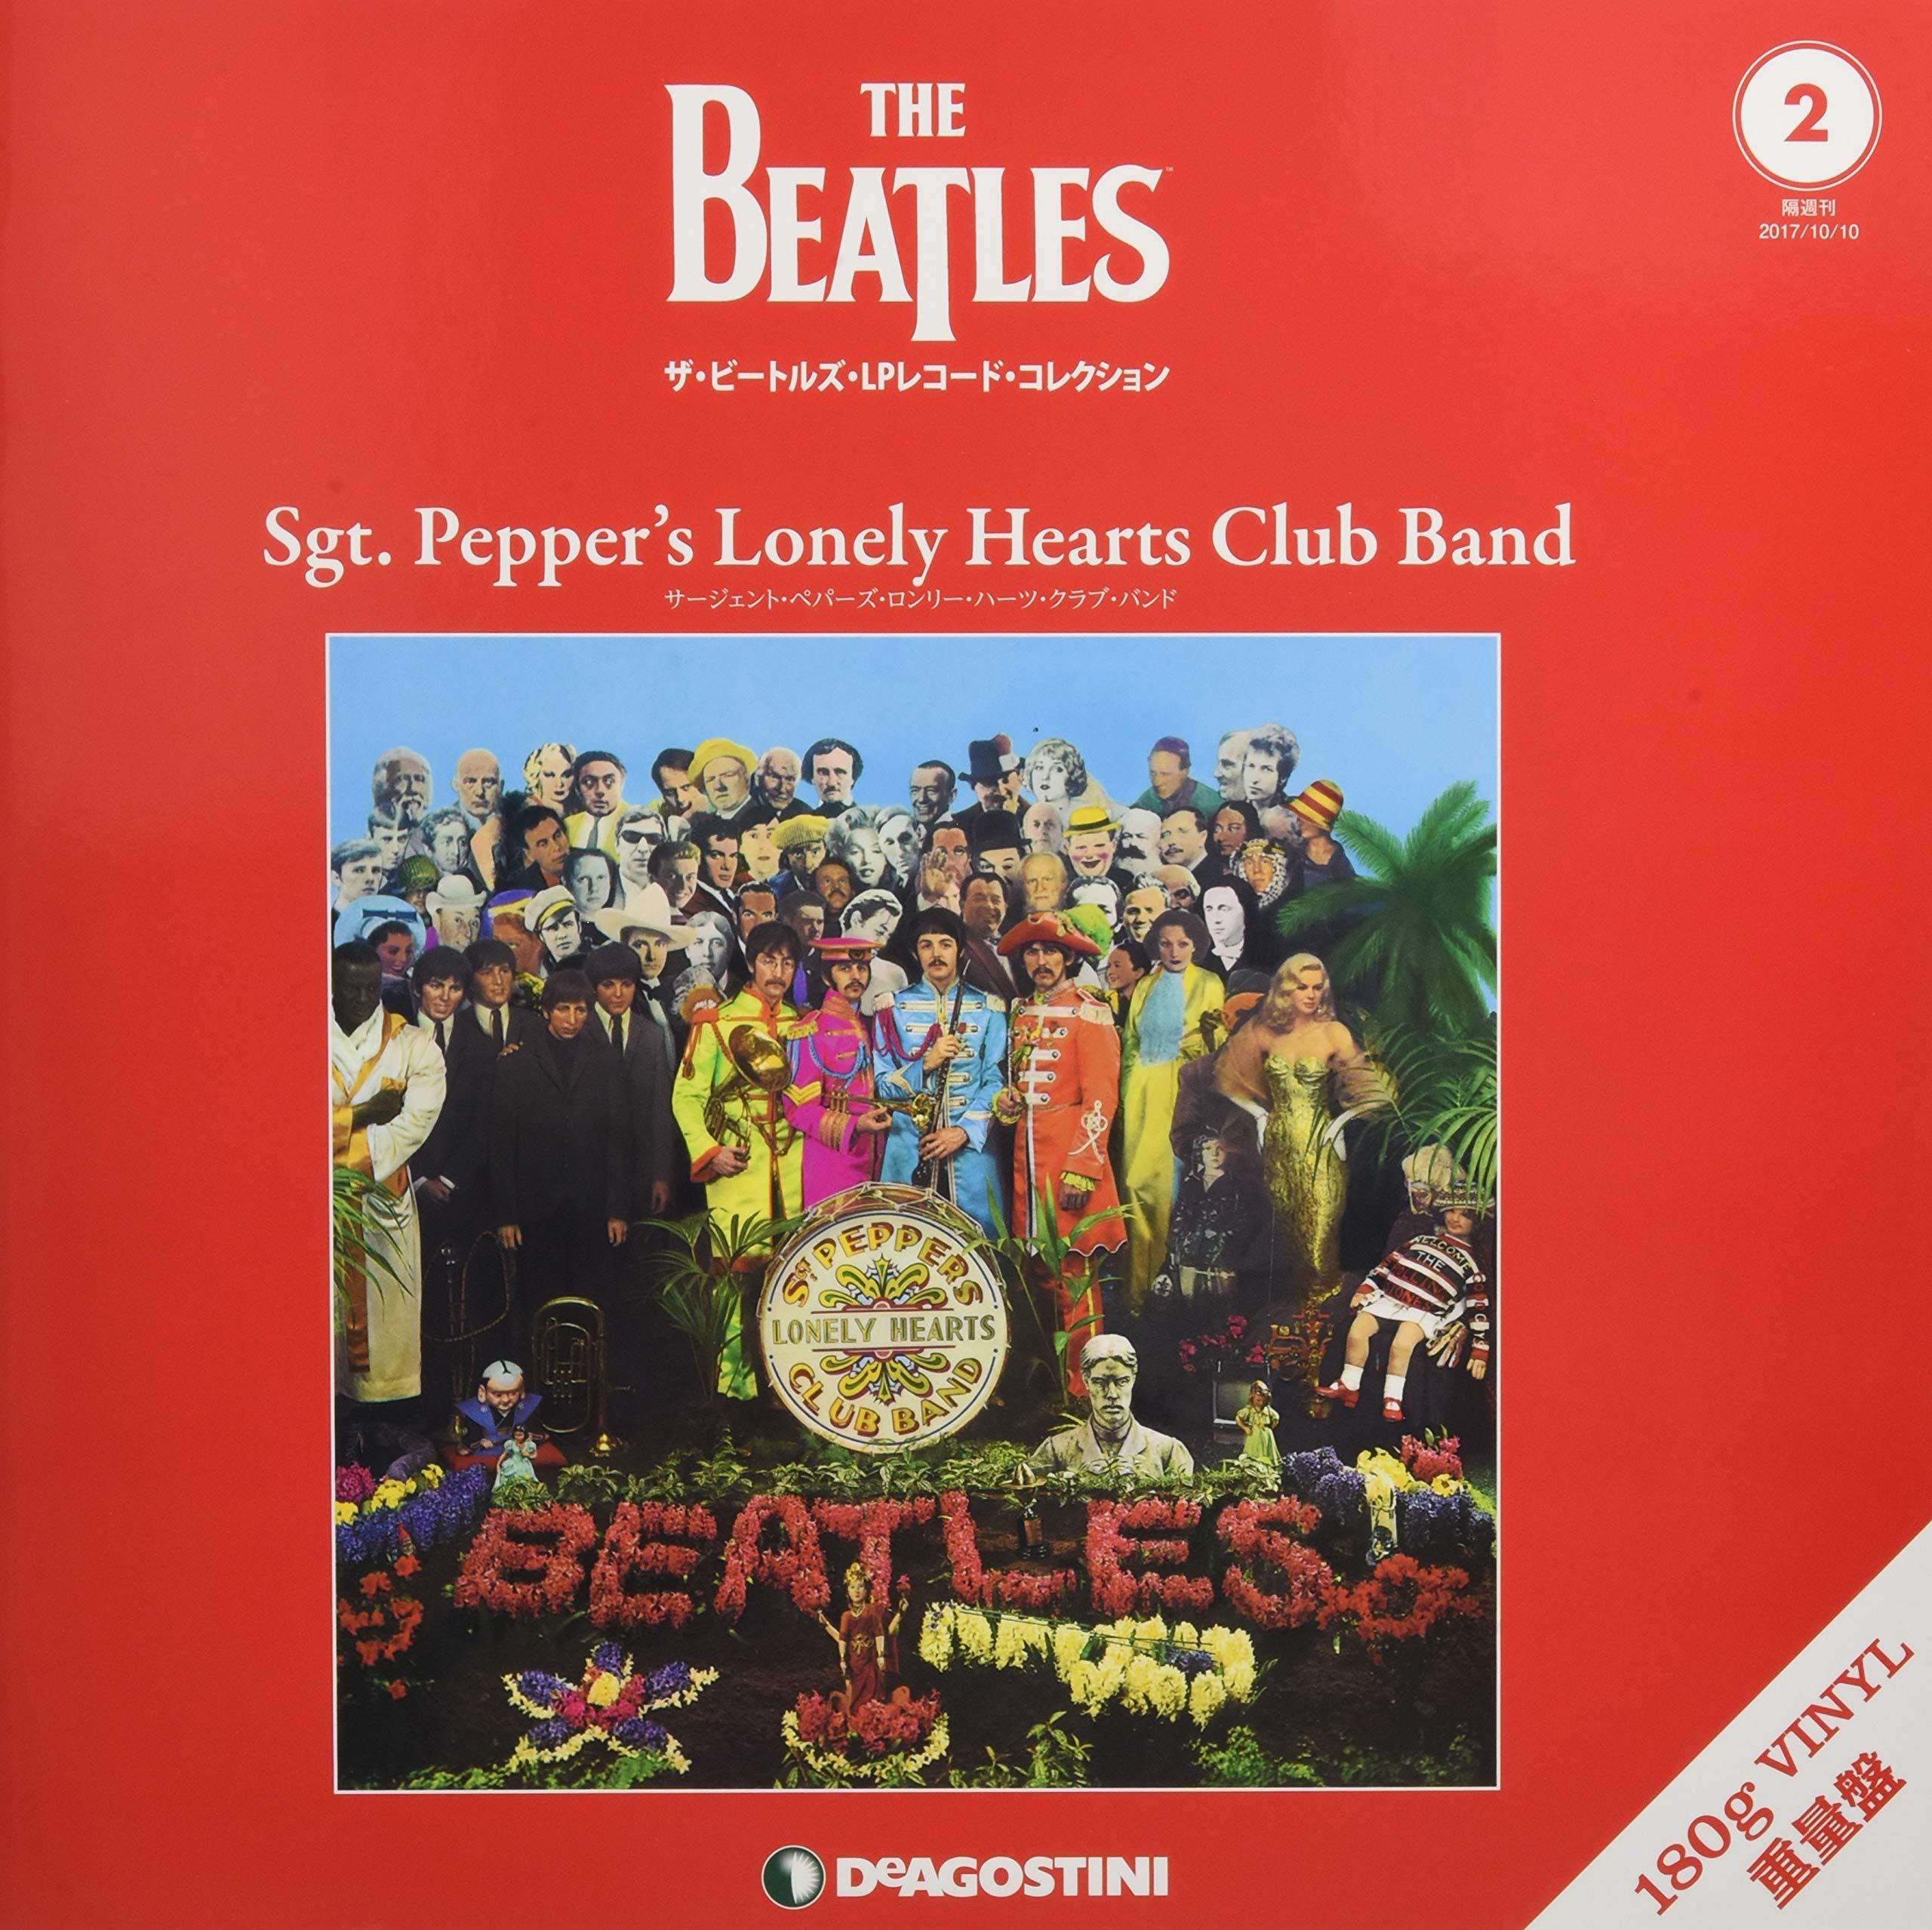 ザ・ビートルズ・LPレコード 2号...